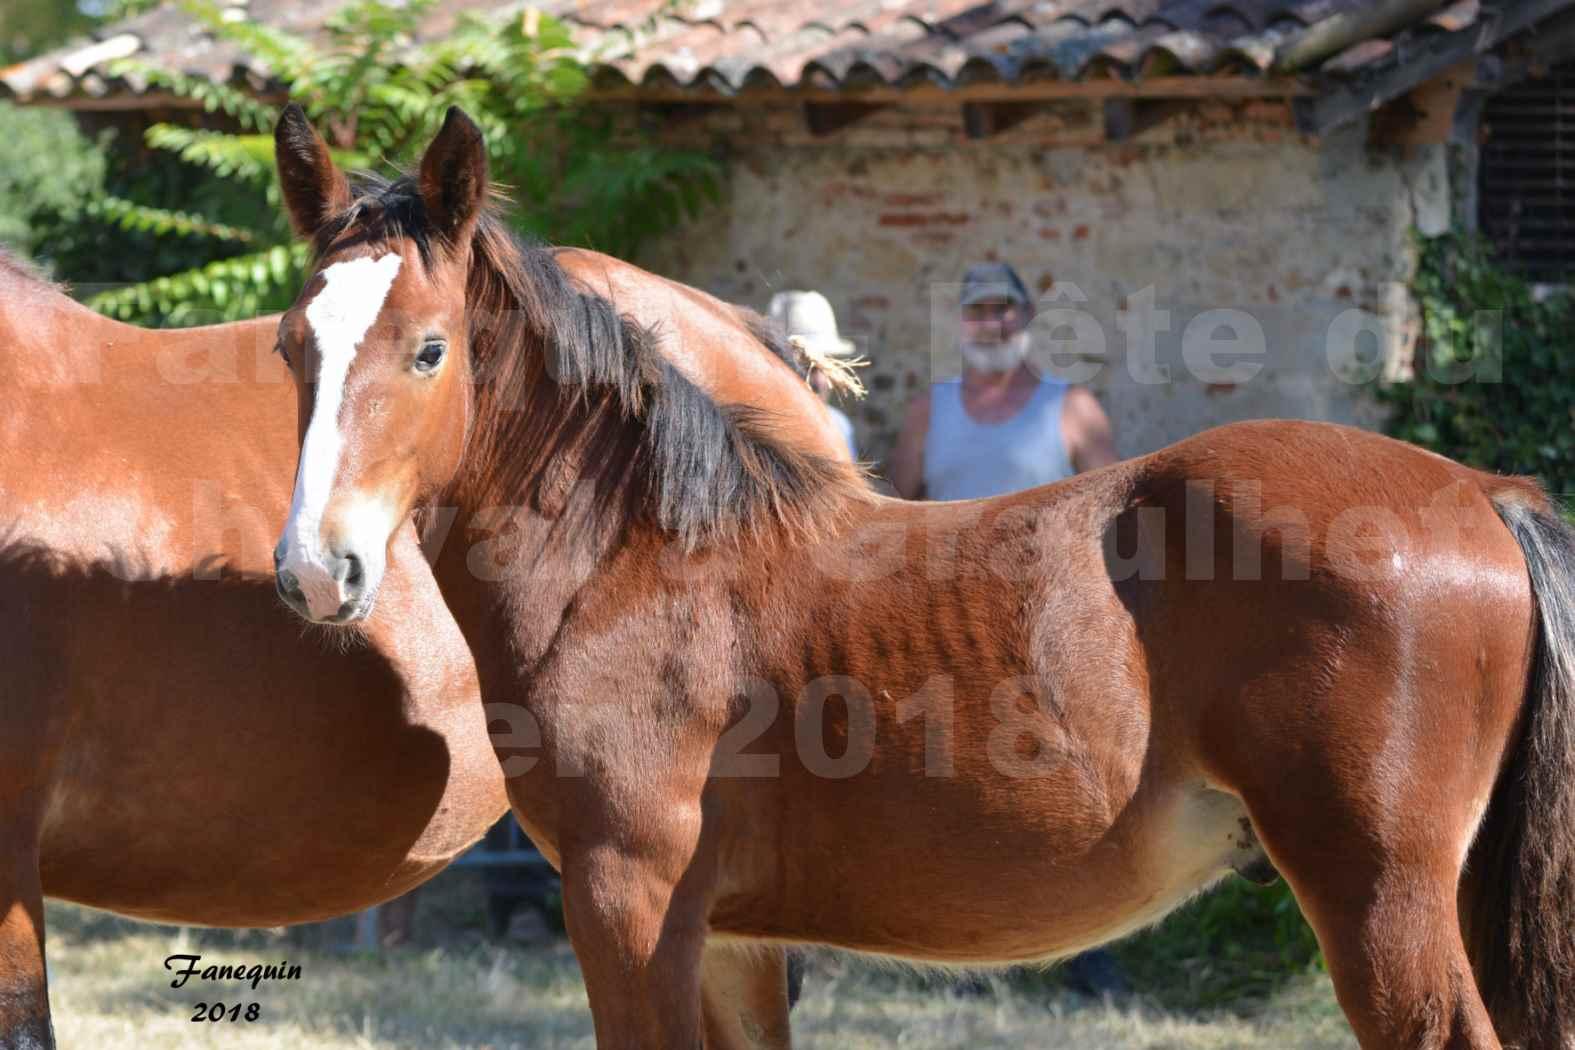 Fête du cheval à GRAULHET le 16 septembre 2018 - Concours Départemental de chevaux de traits - Portraits - 4